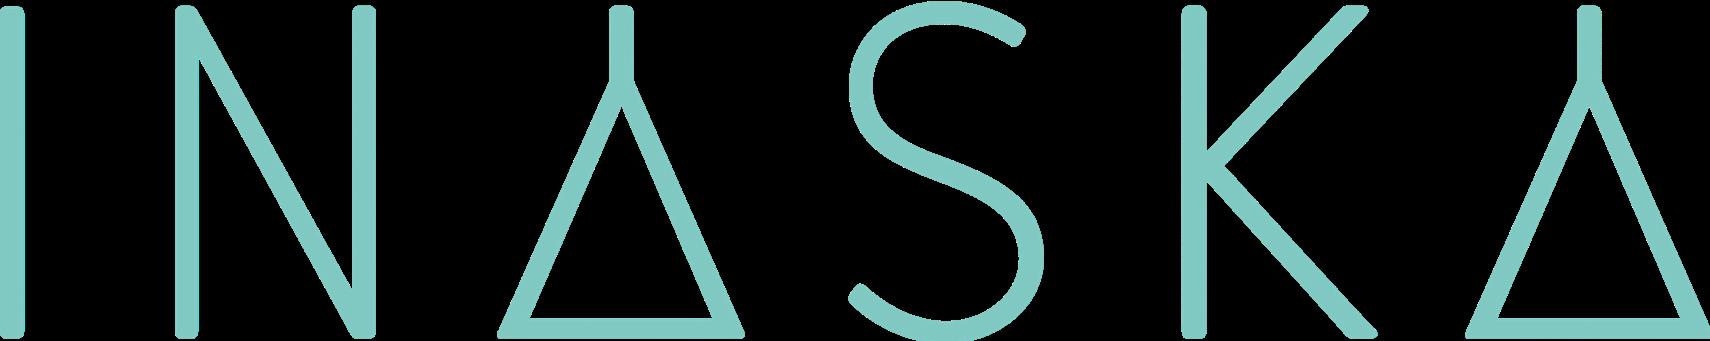 inaska-logo-2019-full